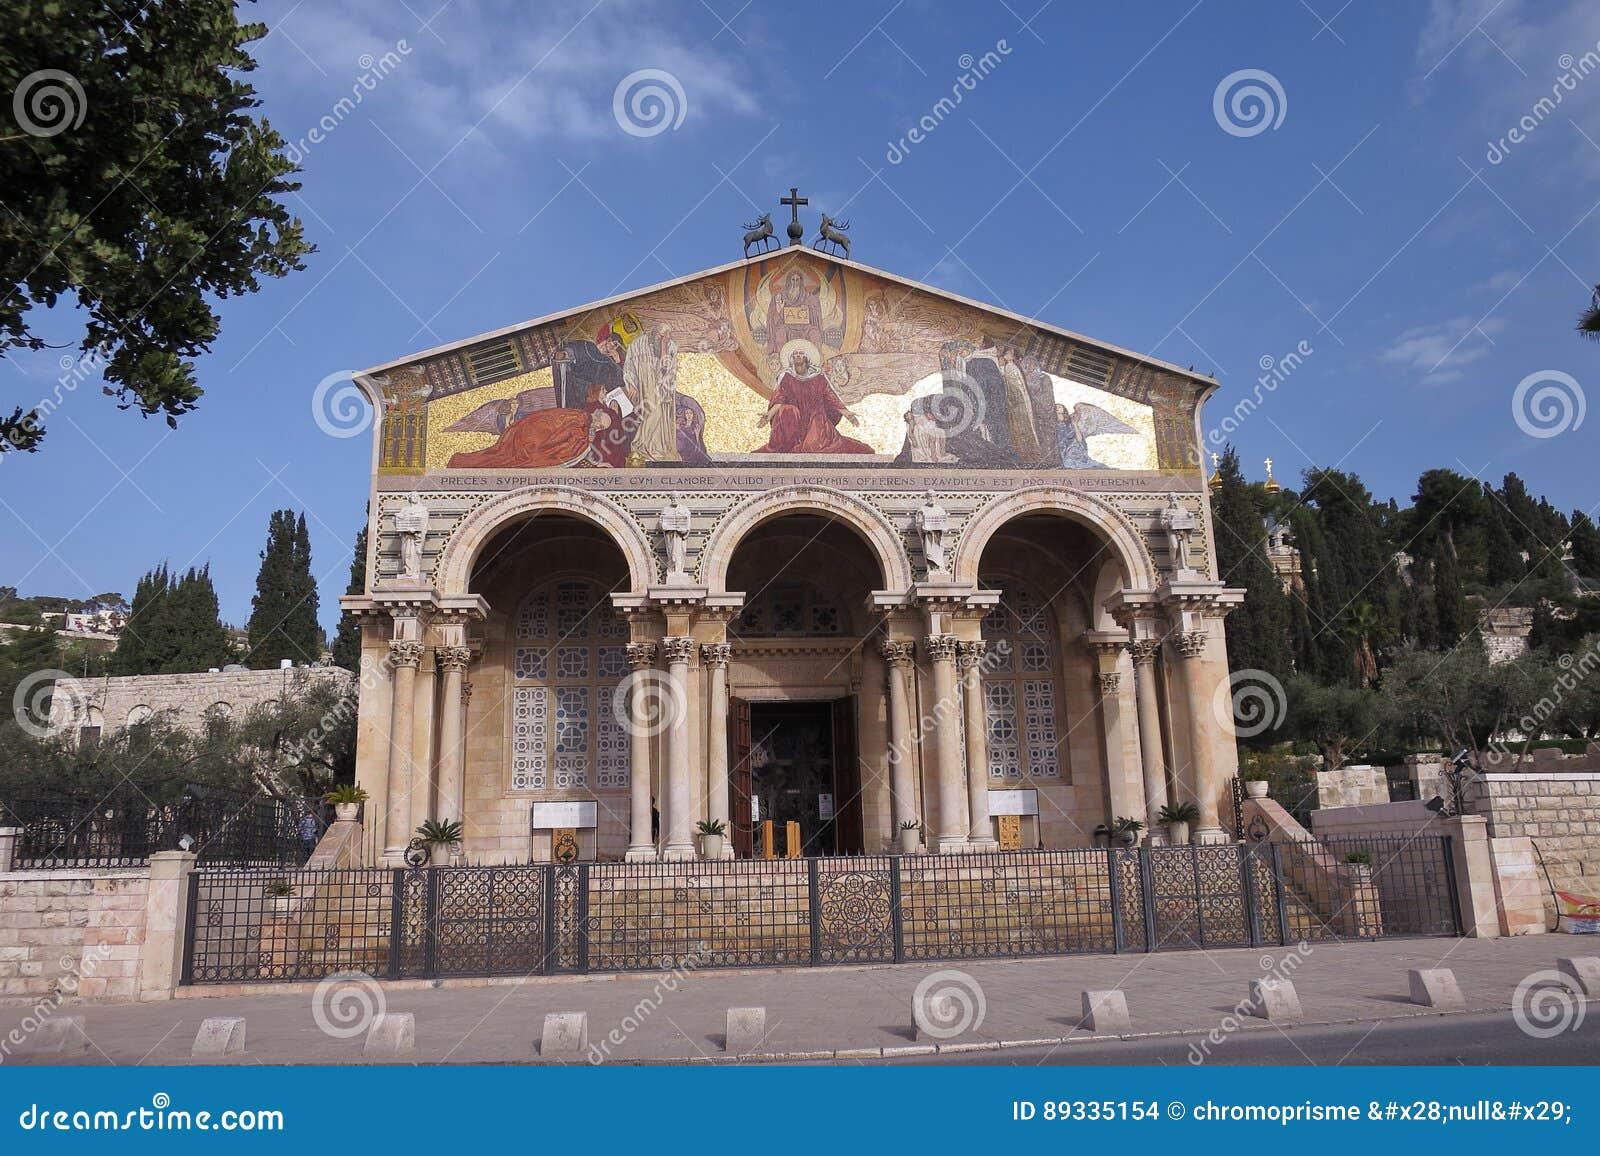 Kerk van Alle Naties - Jeruzalem - Israël